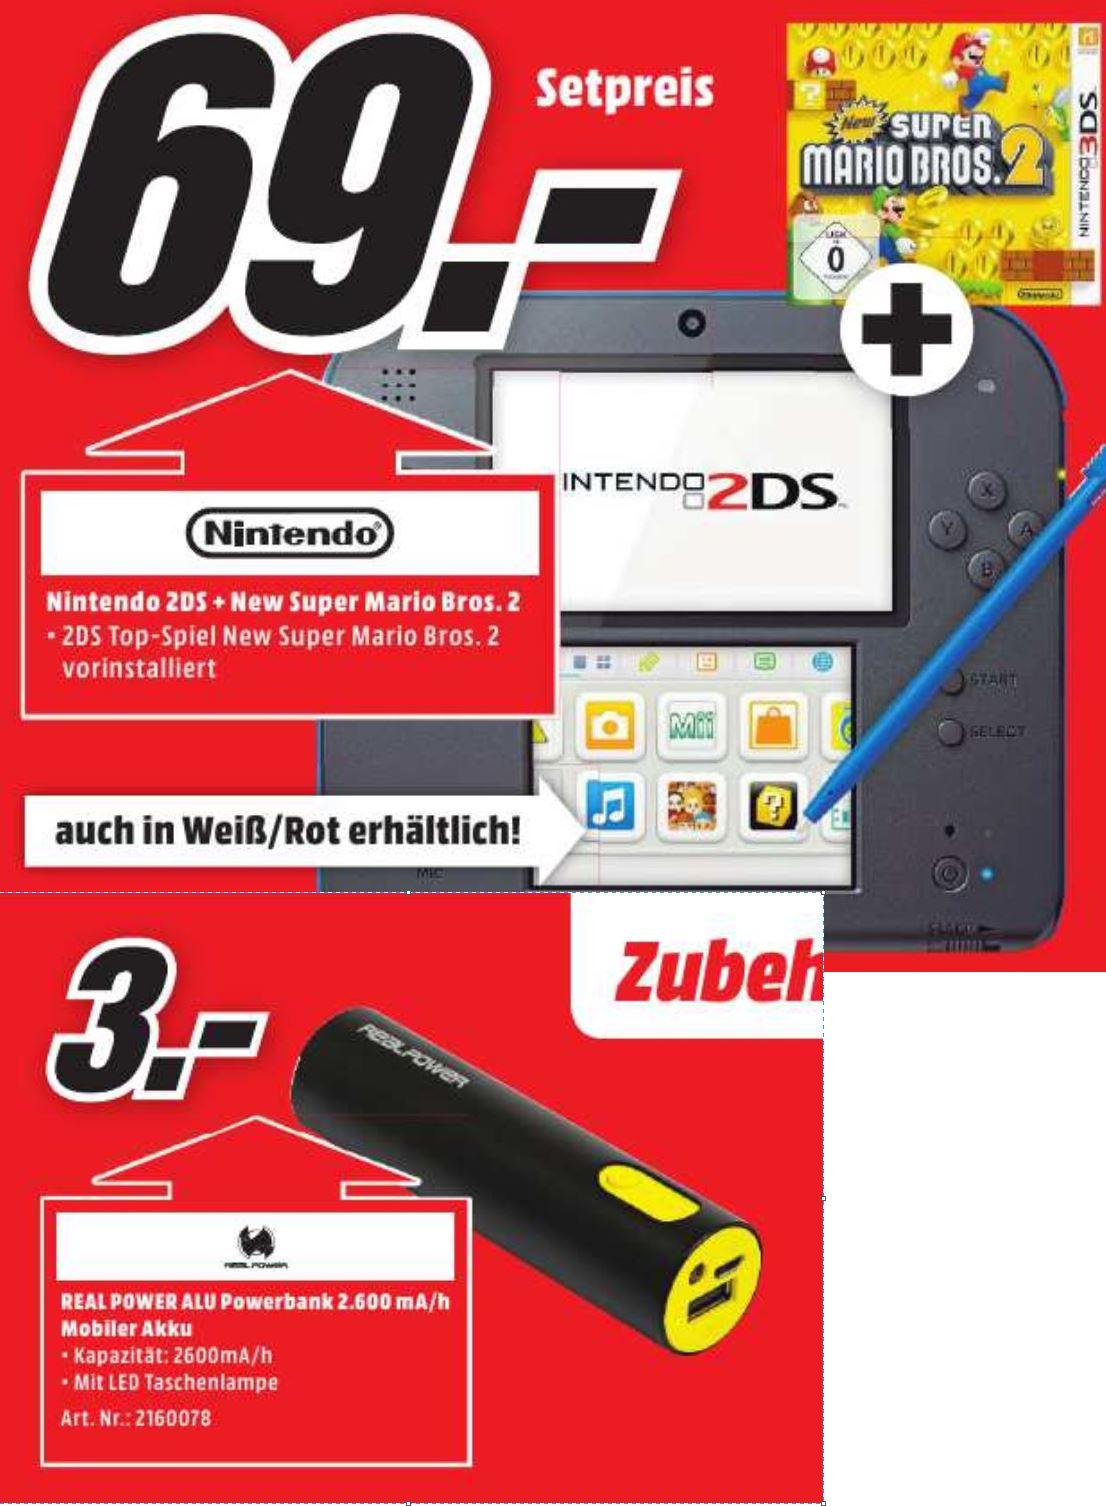 [ Lokal Köln ] Nintendo 2DS inkl. New Super Mario Bros 2 für 69 €, kleine Powerbank für 3 € im Mediamarkt Köln Kalk